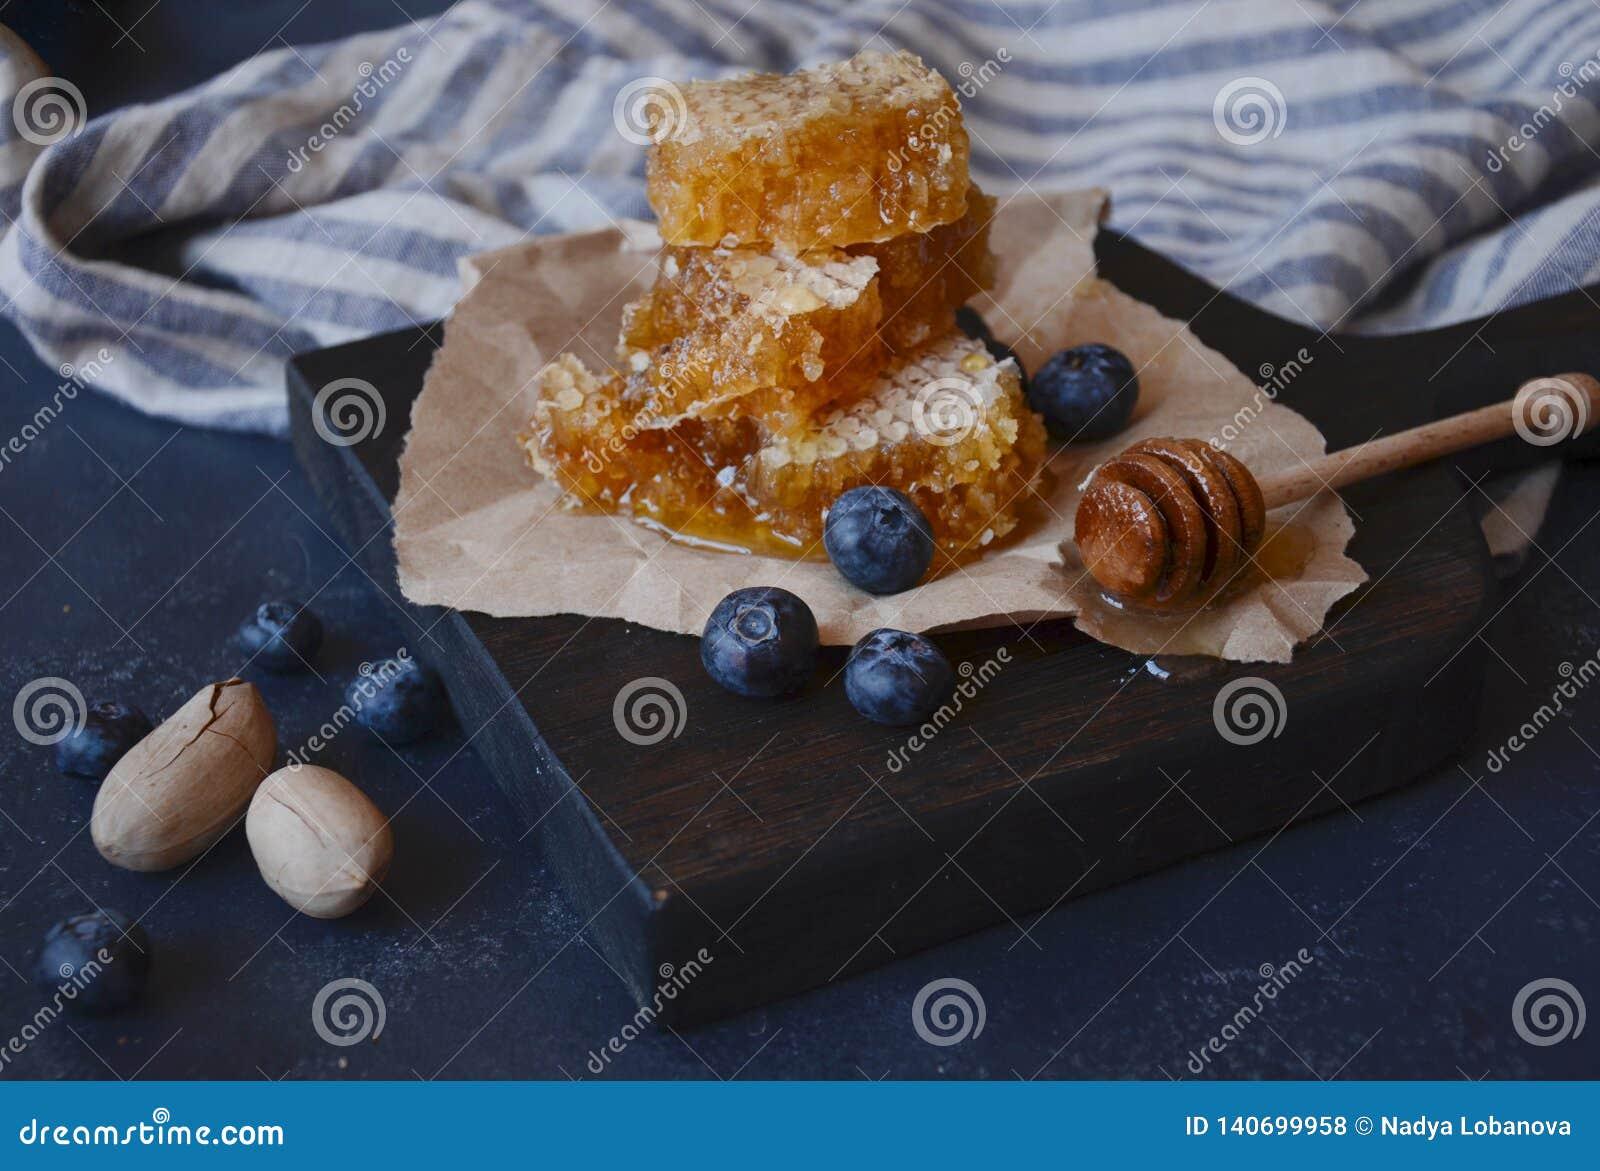 Honey Cake Stock Image Cartoondealer Com 38577391